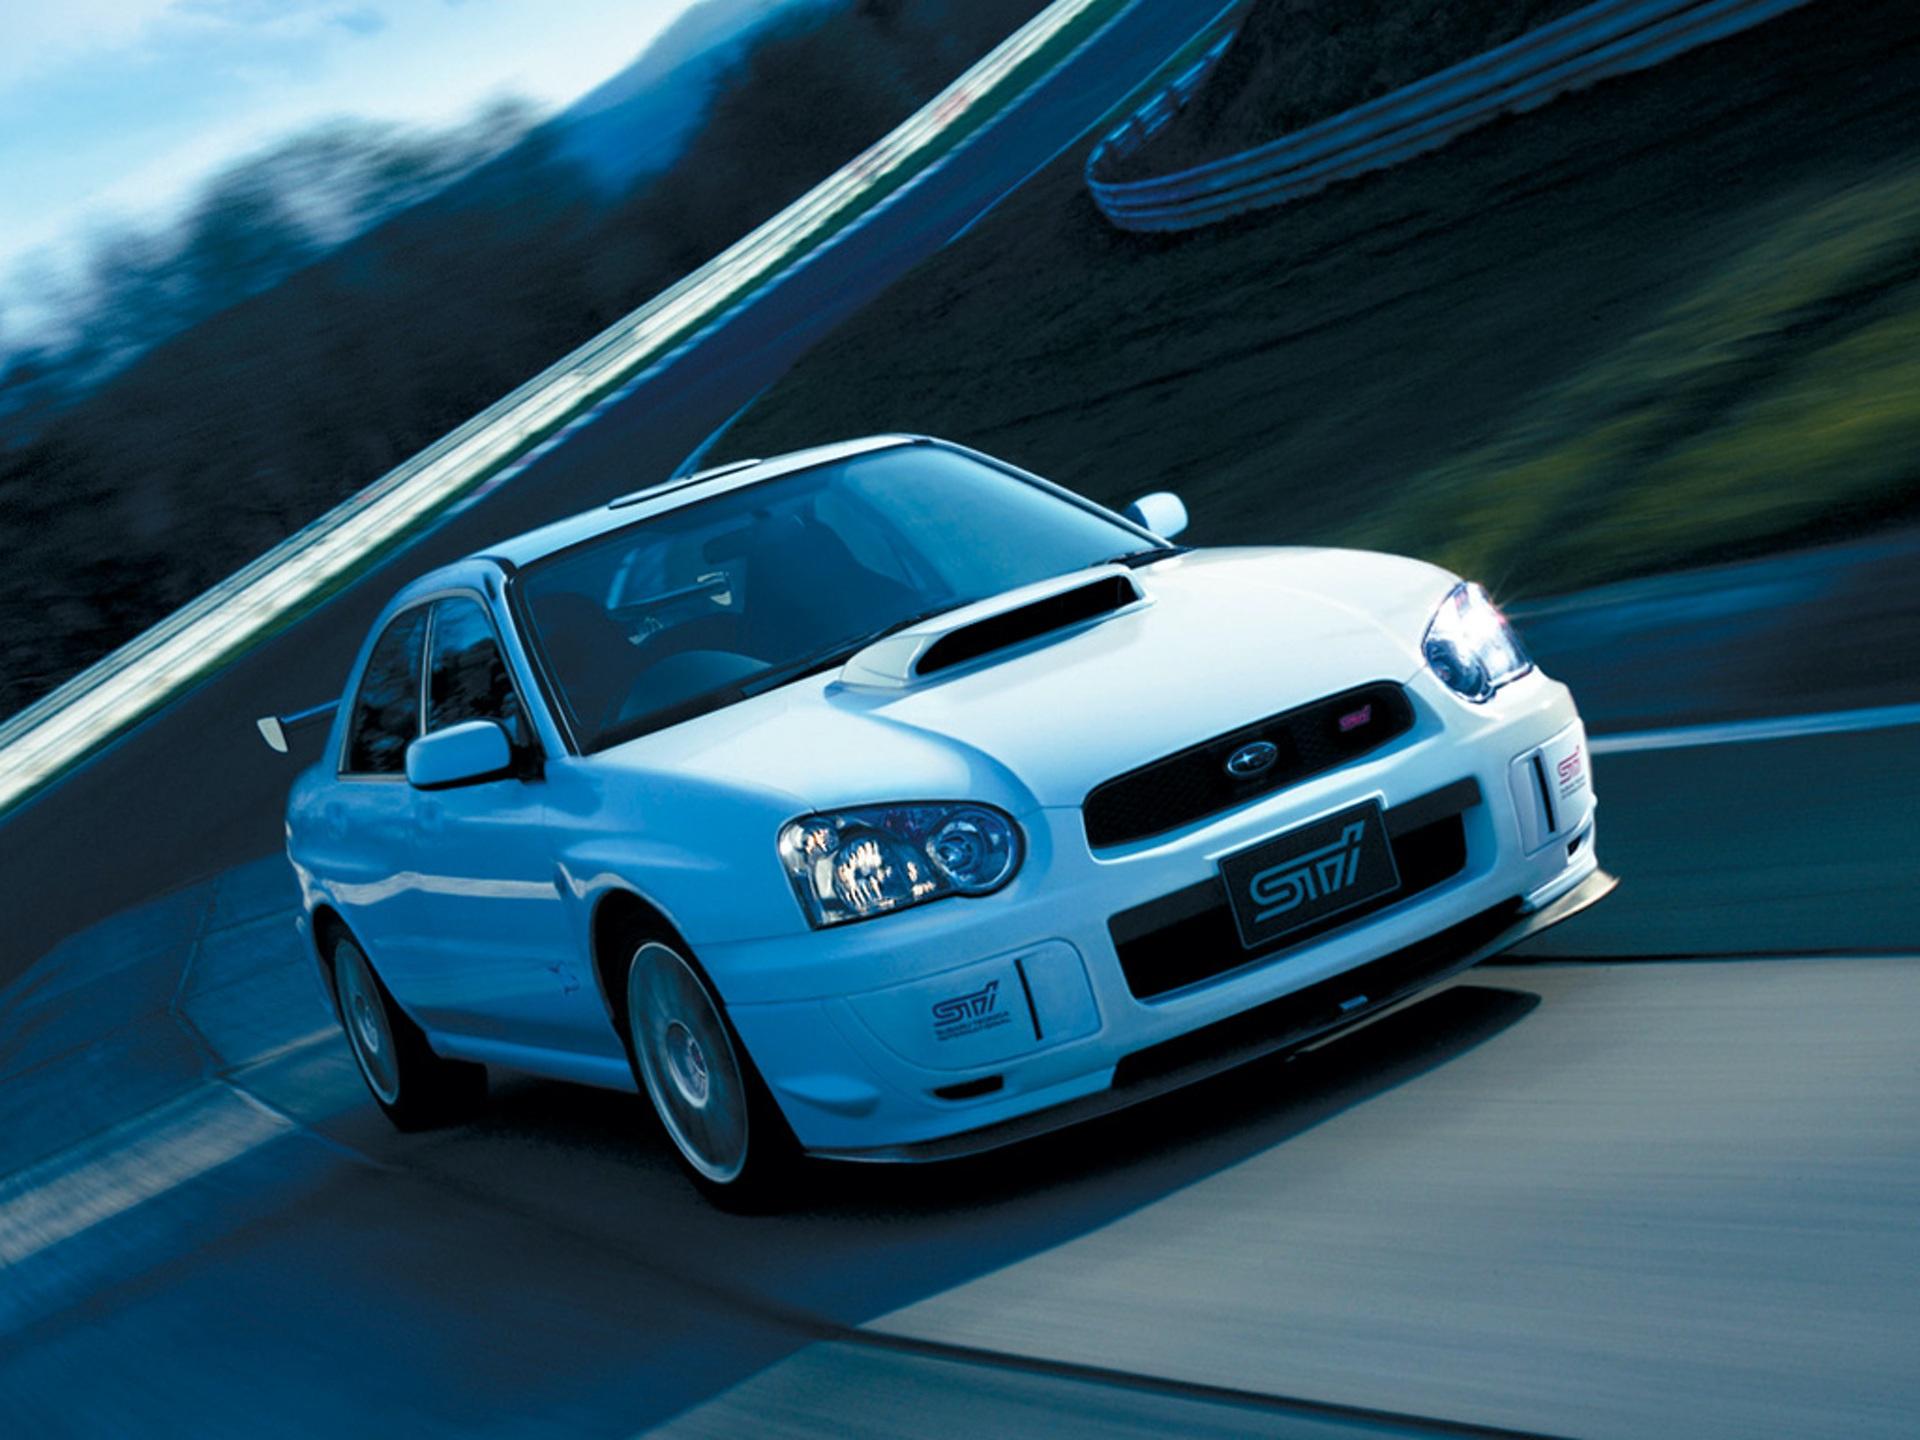 Subaru_Impreza_STI_S203_0000